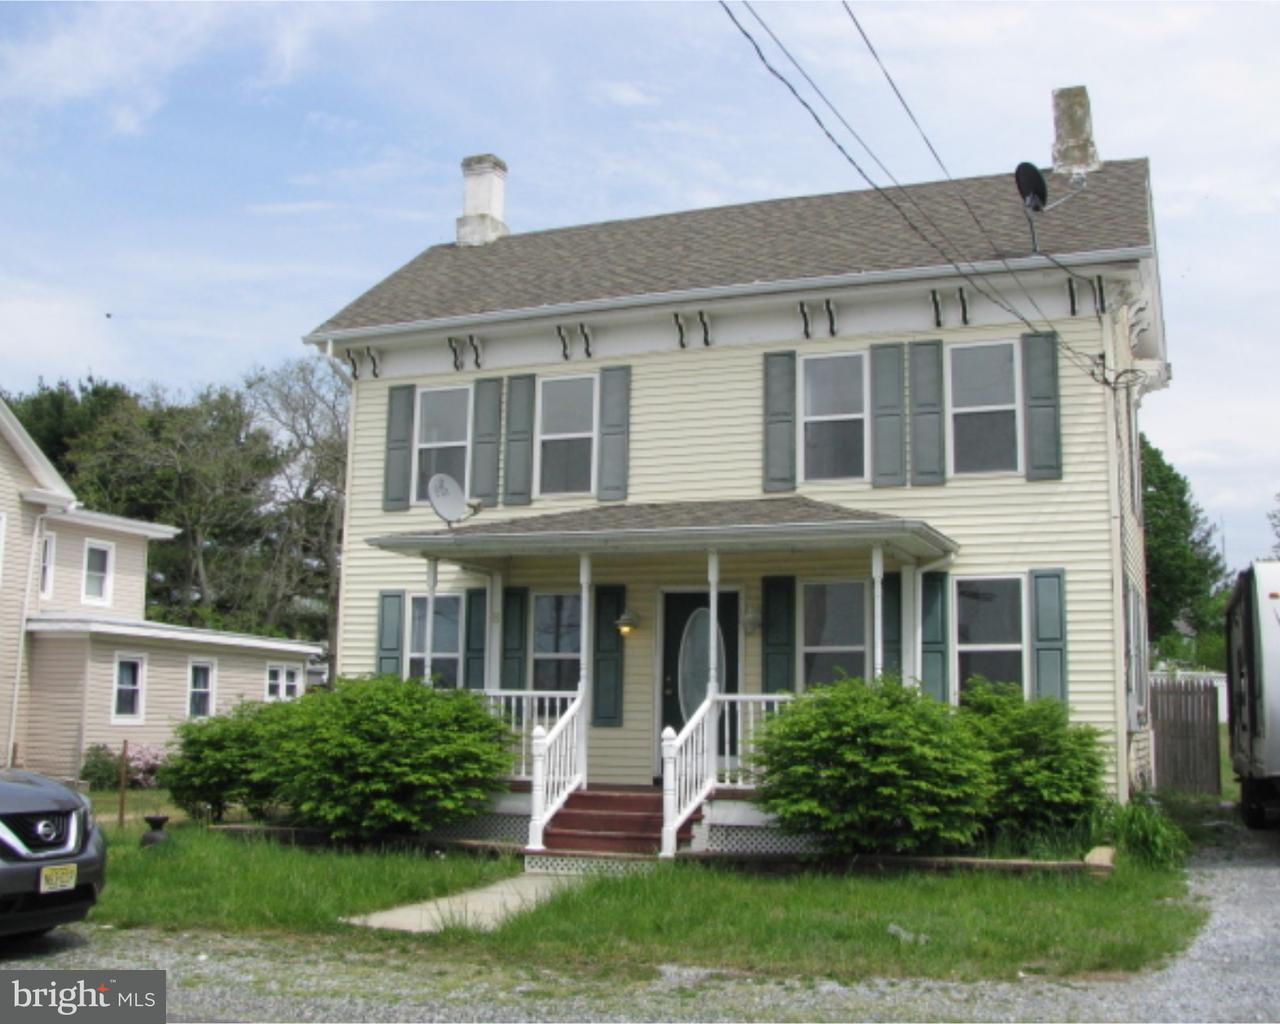 Casa Unifamiliar por un Venta en 8 FRONT Street Dorchester, Nueva Jersey 08316 Estados Unidos